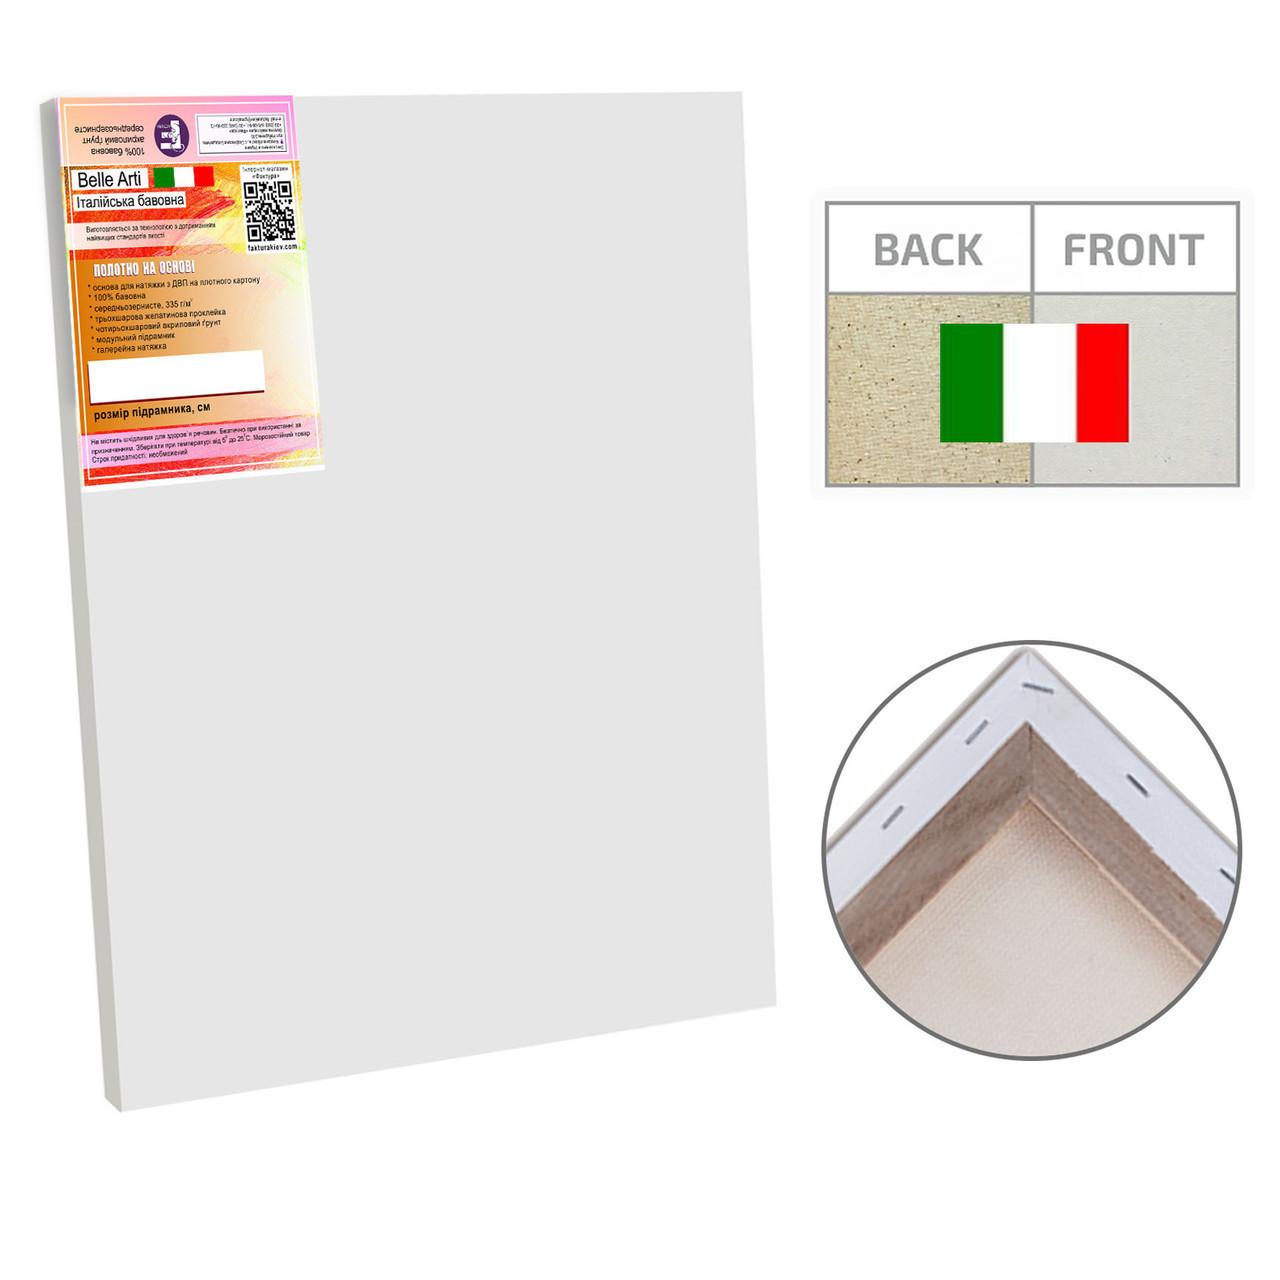 Холст на подрамнике Factura BelleArti 70х100см Итальянский хлопок 285 грамм кв.м. среднее зерно белый, фото 1